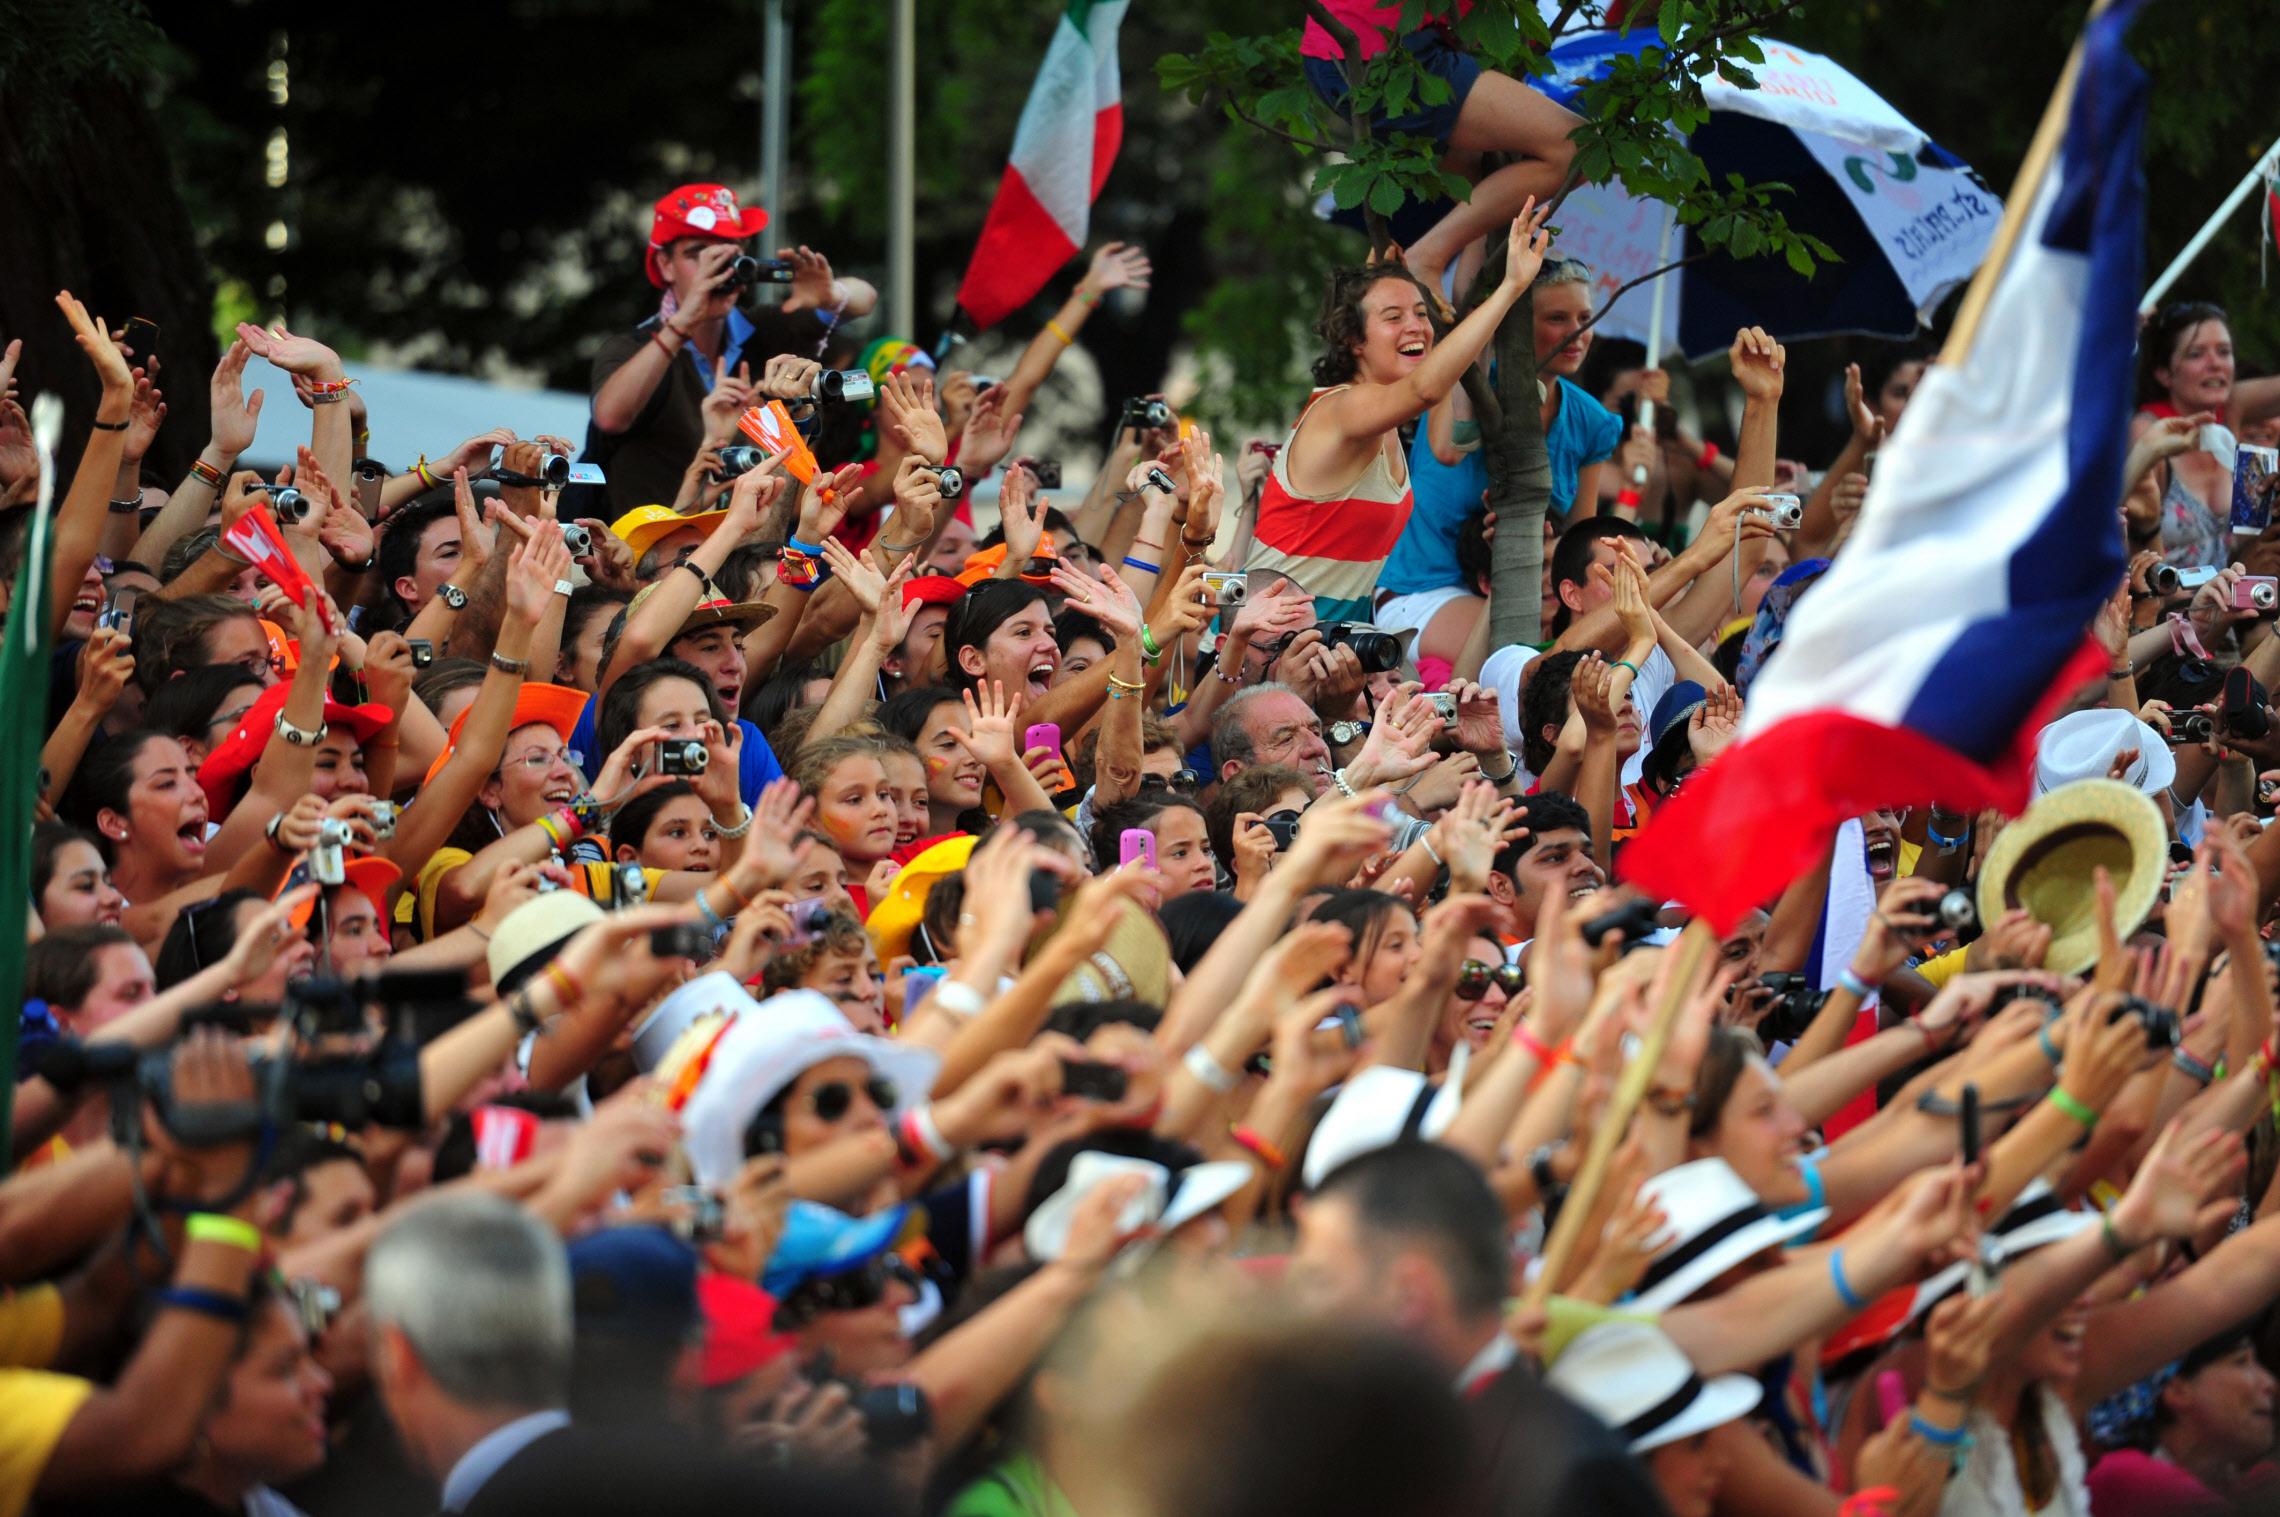 Foule lors de la Via Crucis organisée pendant les JMJ 2011, Madrid, Espagne.